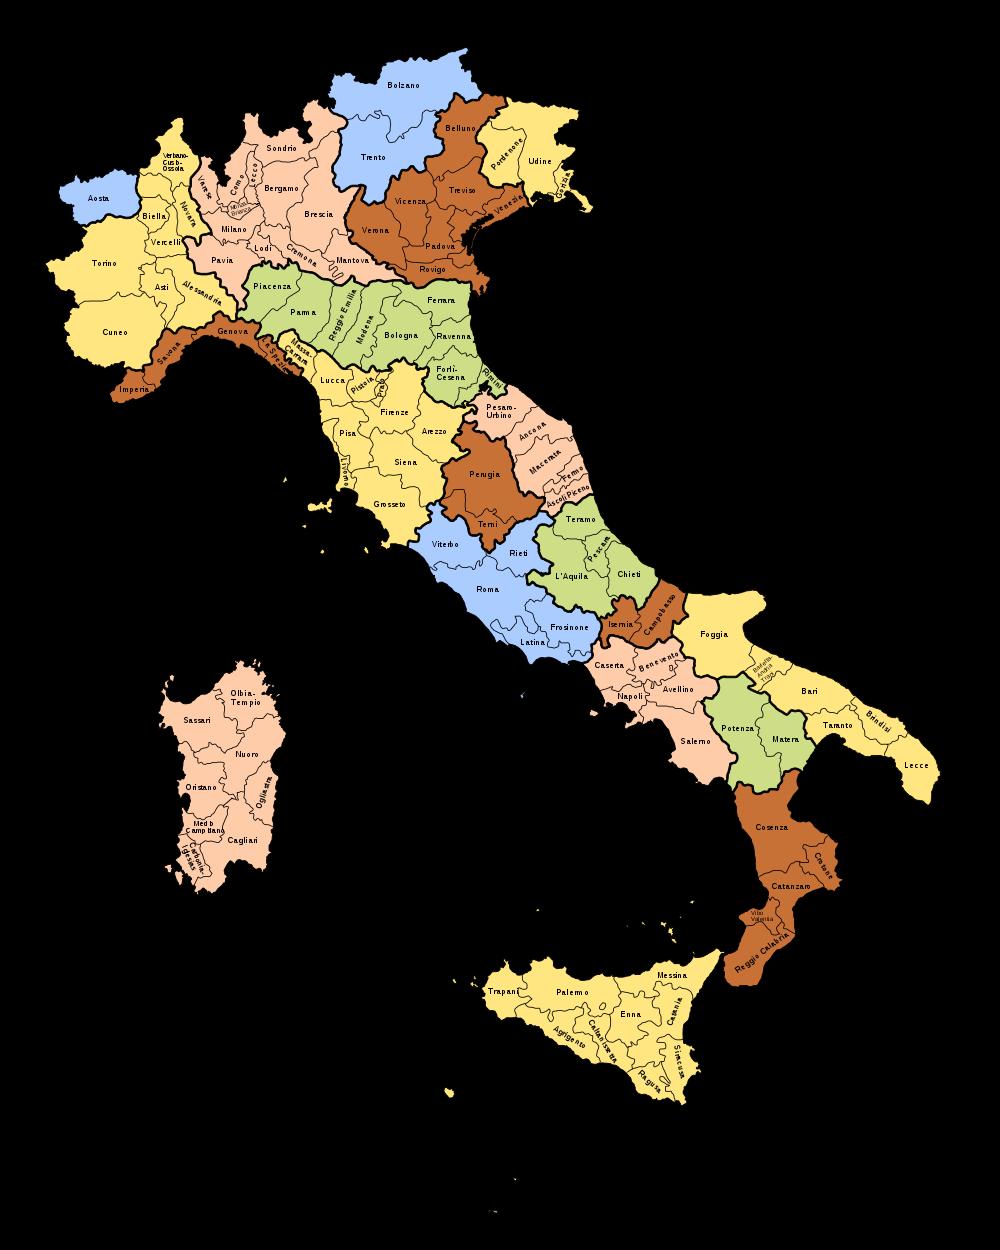 italien karte mit provinzen Landkarte Italien (Provinzen) : Weltkarte.  Karten und